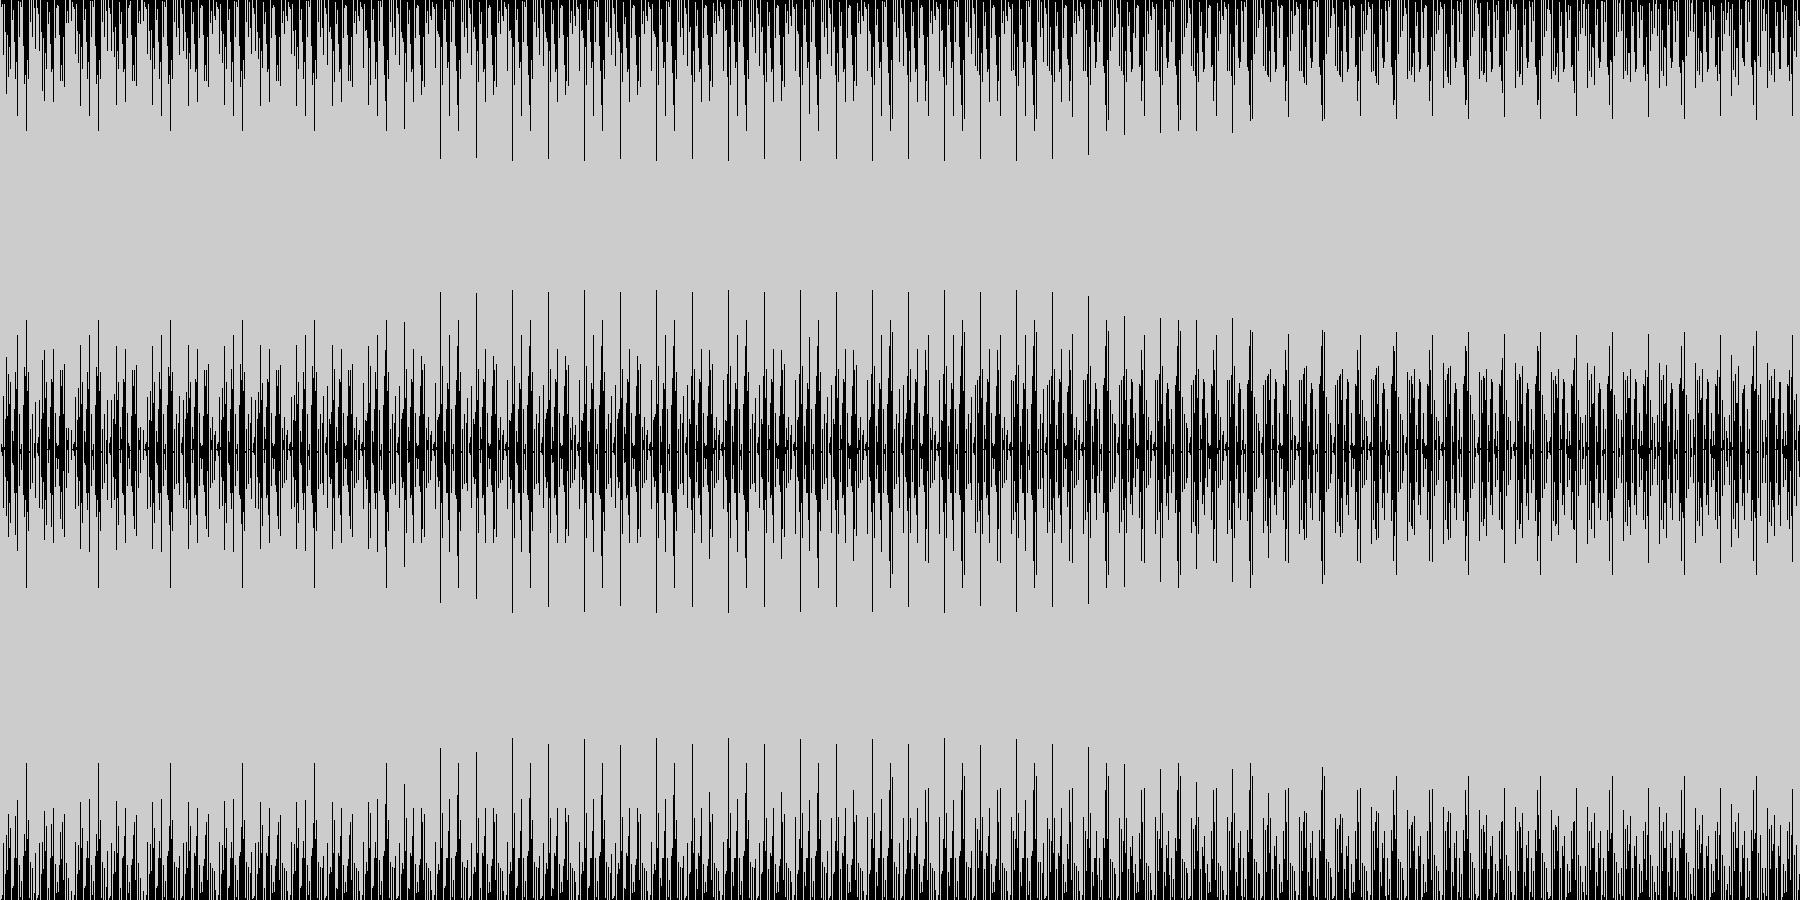 前向きの様で少し怪しい音、エンディング…の未再生の波形